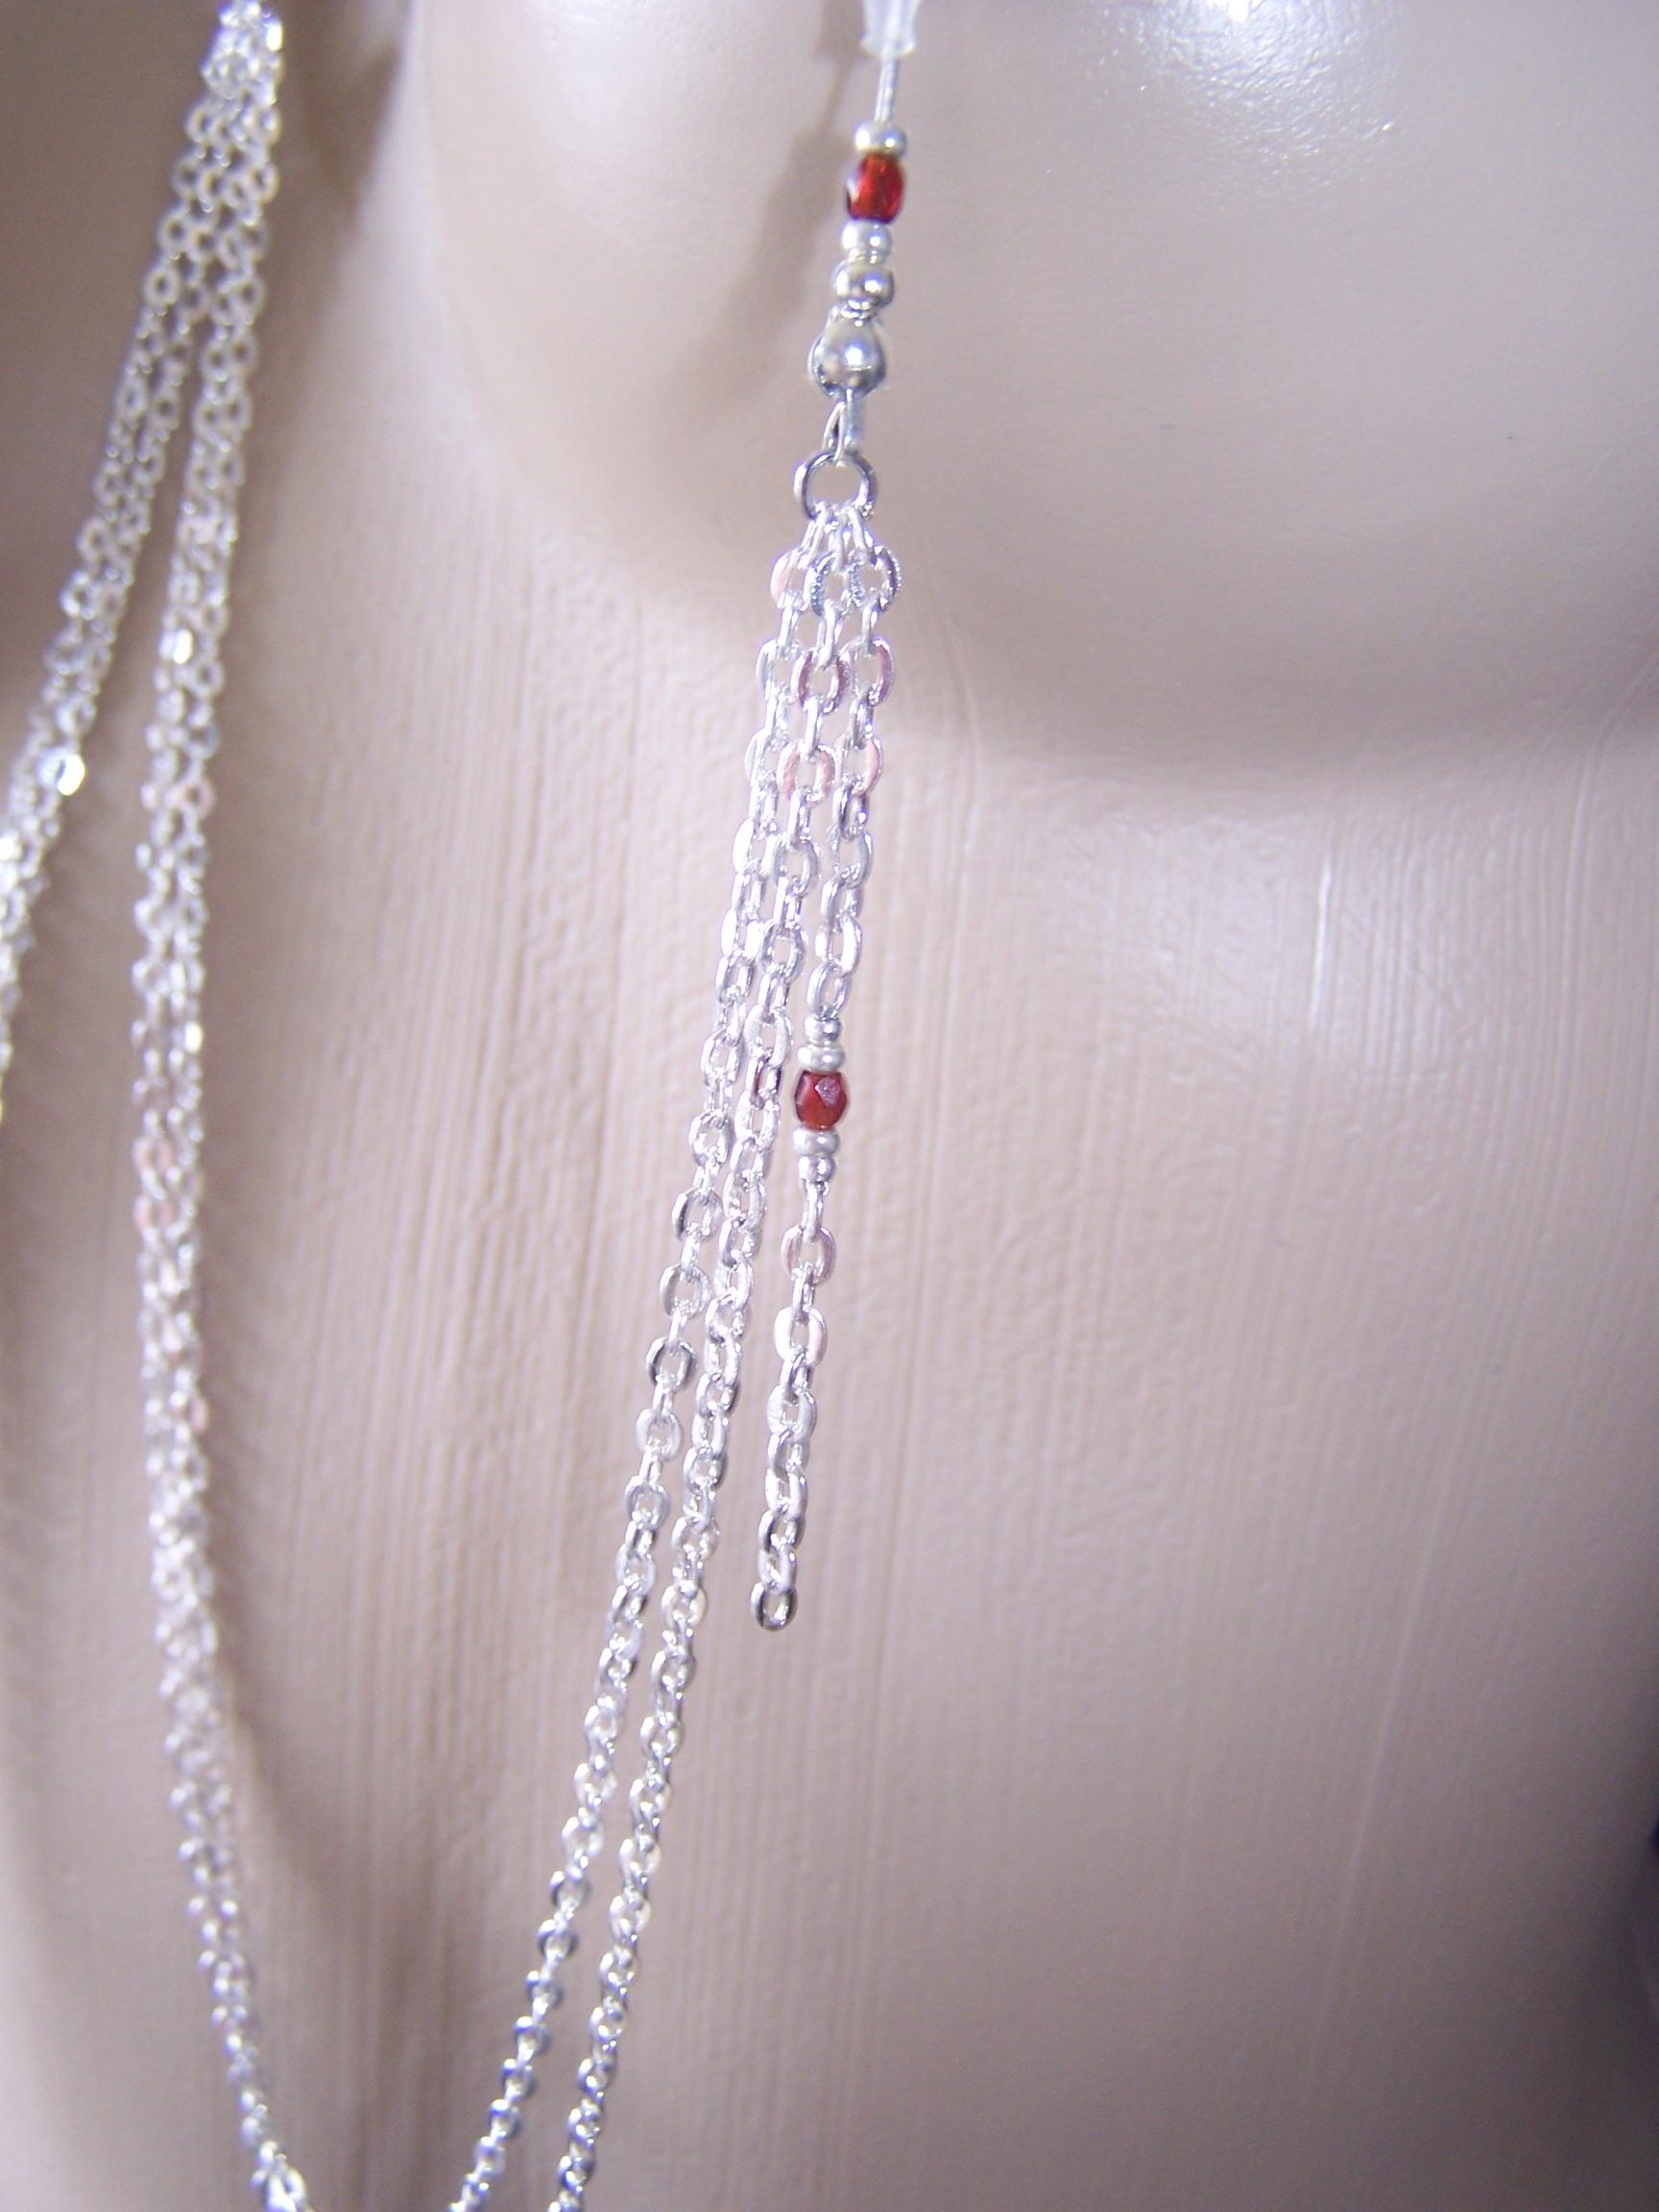 Körperschmuck Intimschmuck intim Kette Halskette oh